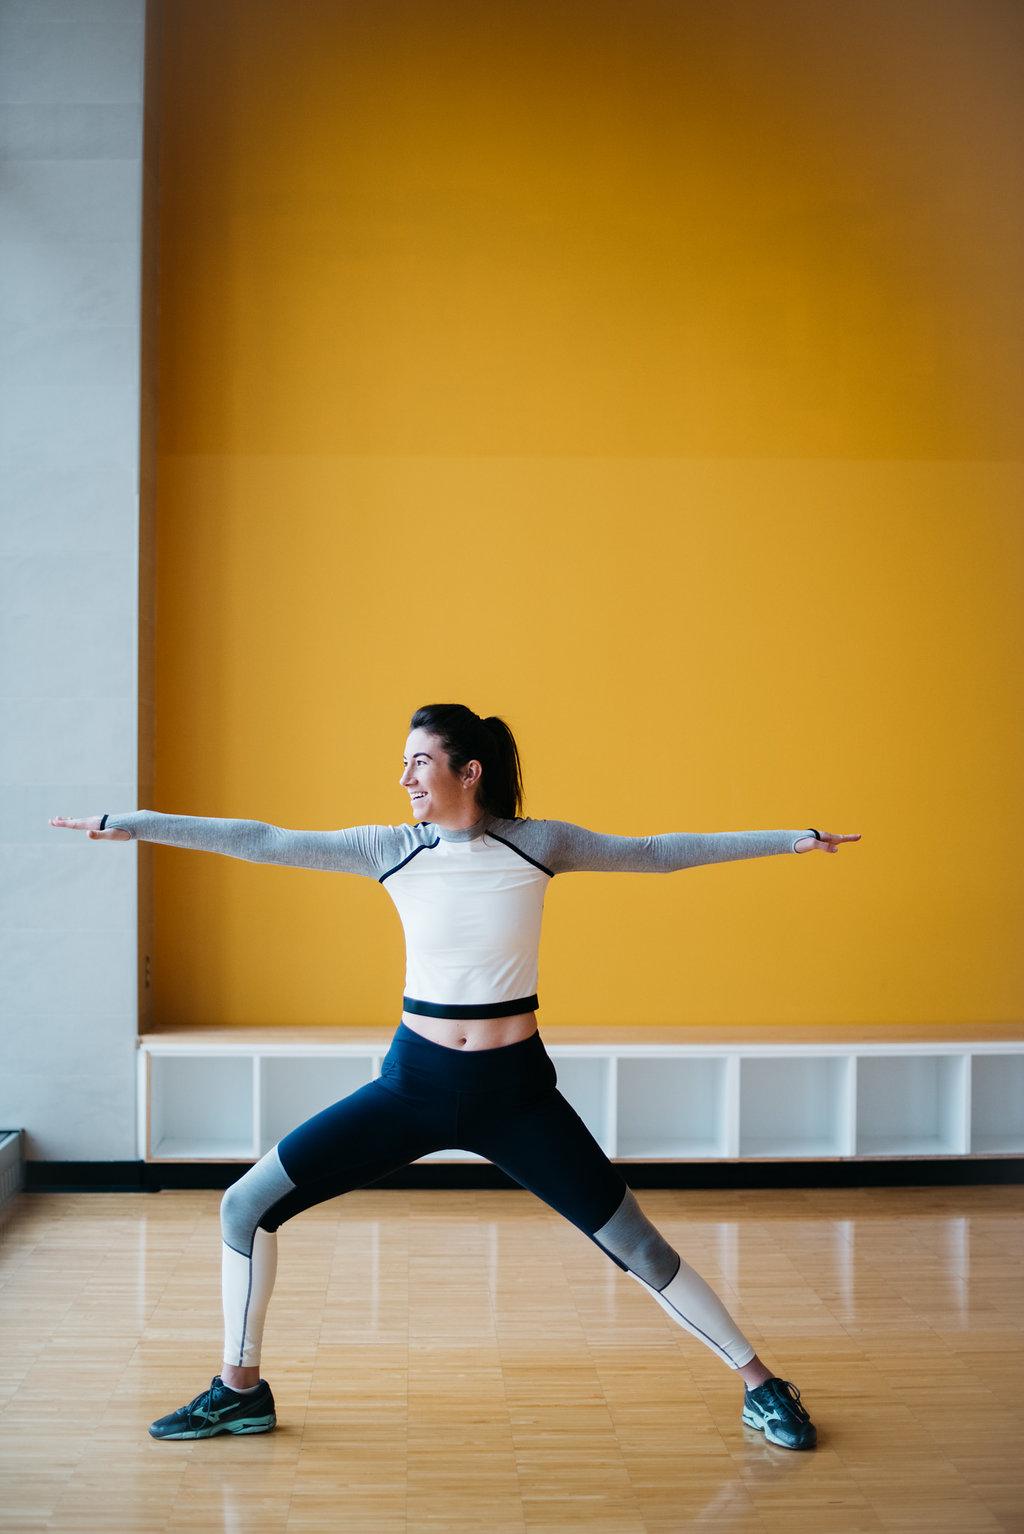 Stephanie_workout-10.jpg